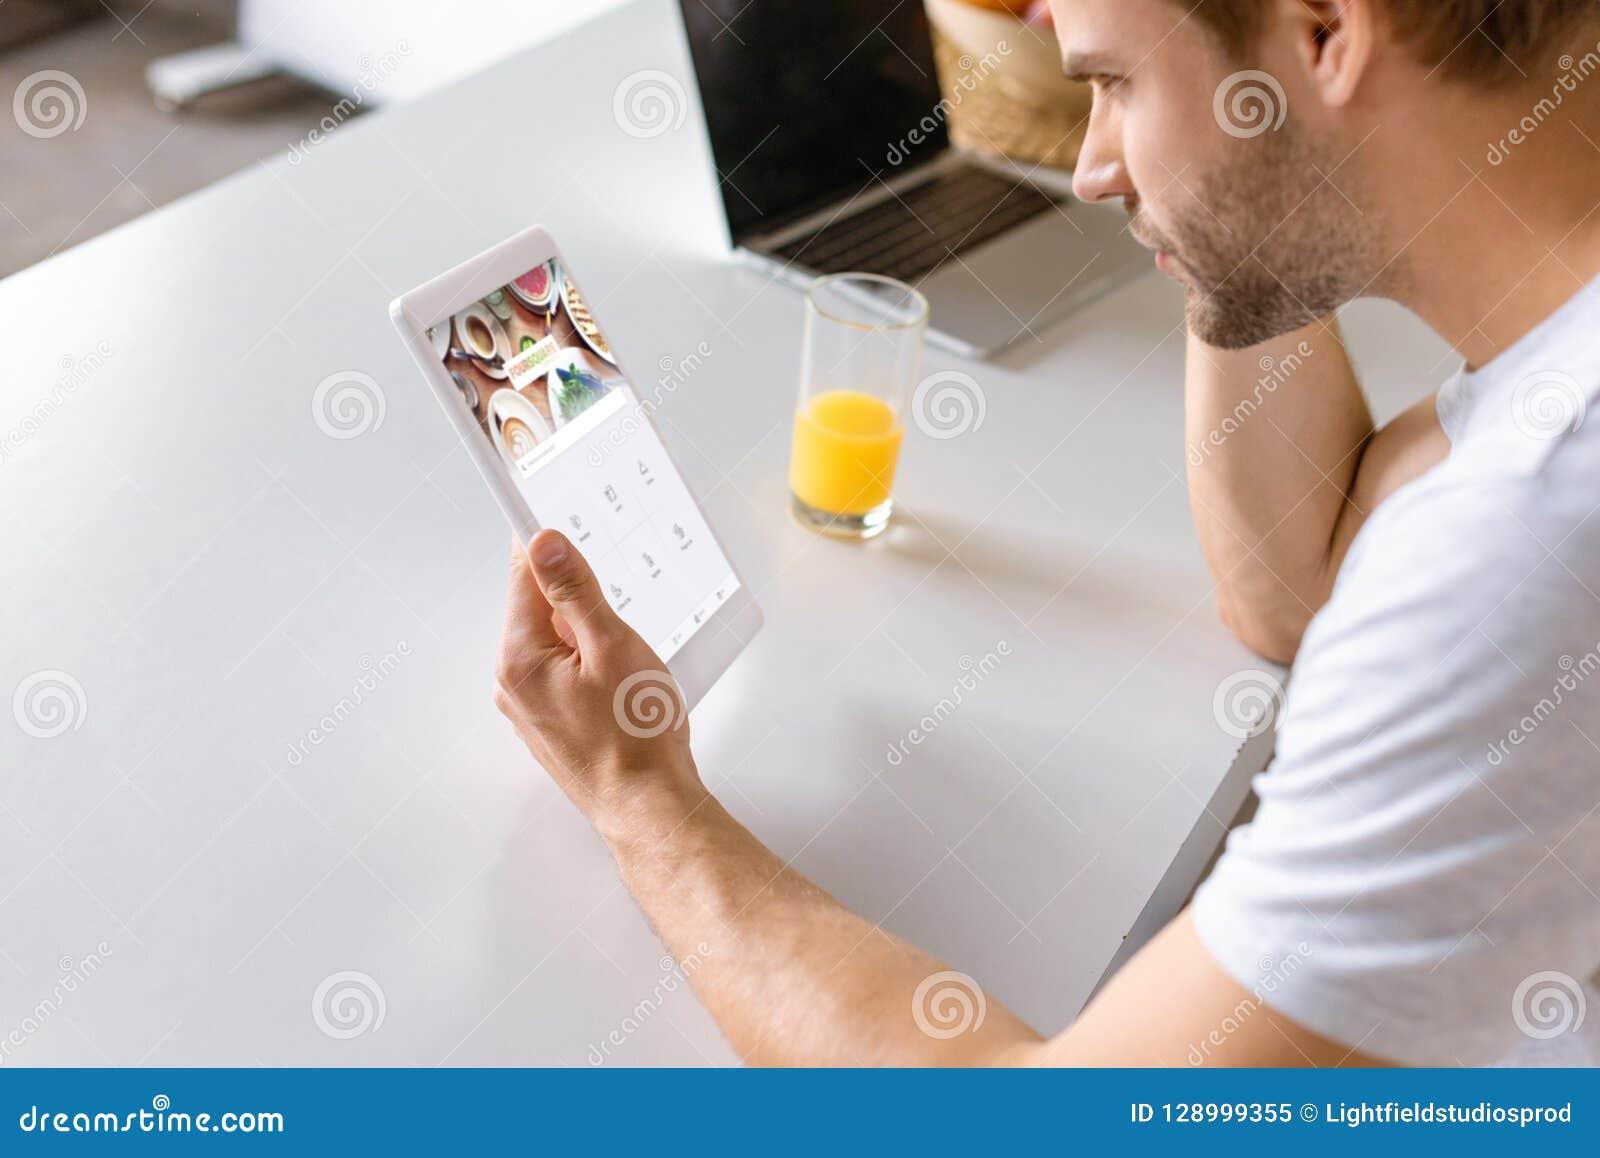 Junger Mann am Küchentisch mit Saft und Laptop unter Verwendung der digitalen Tablette mit foursquare